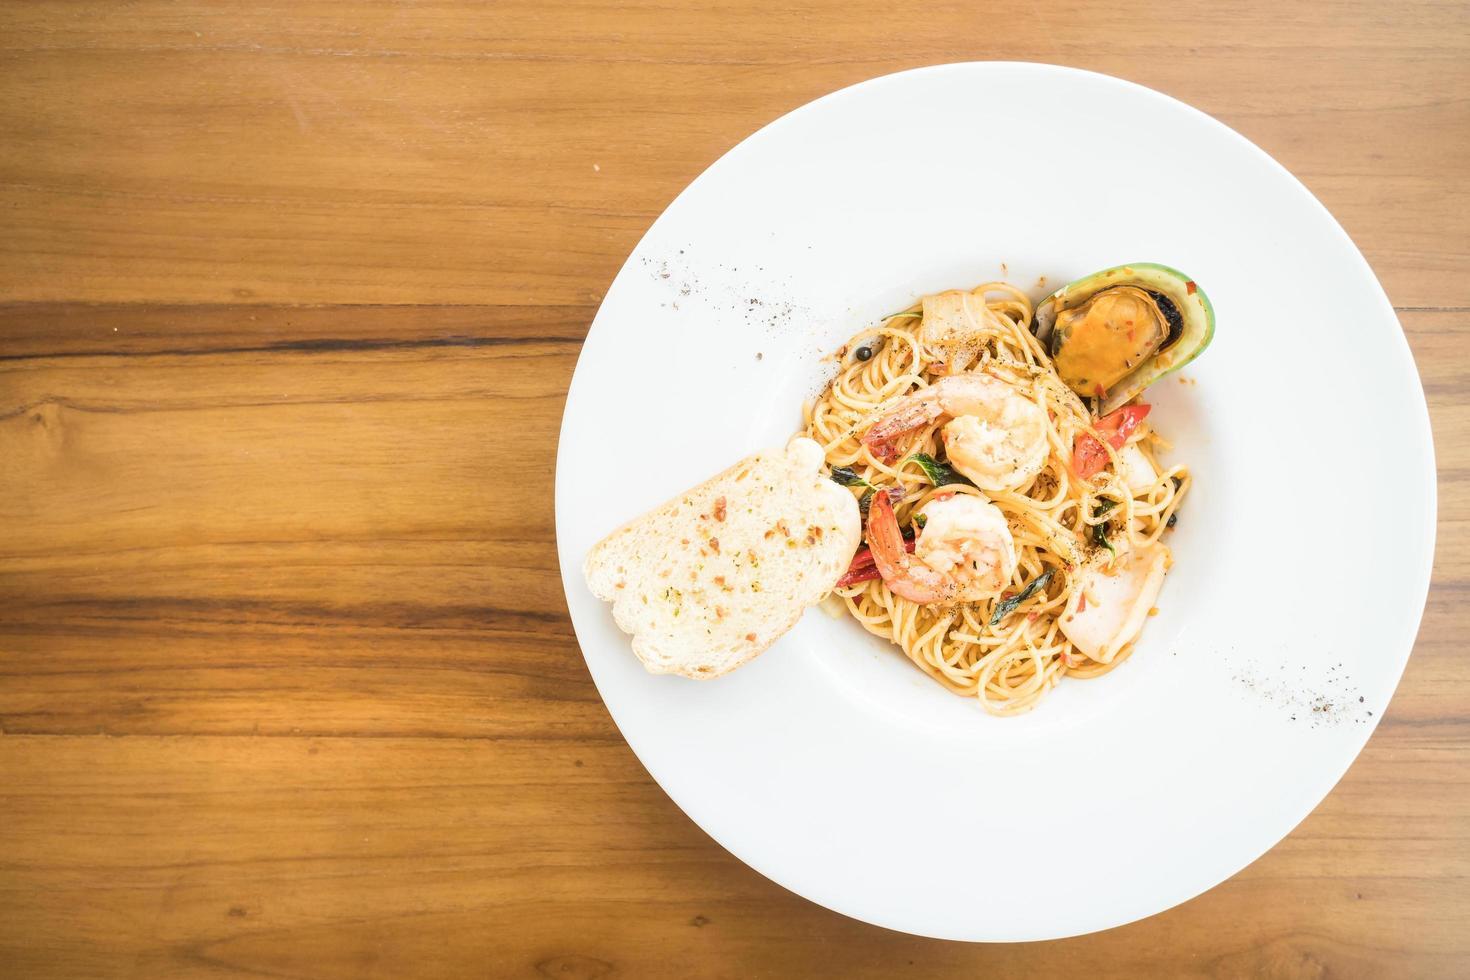 Spaghetti-Meeresfrüchte in weißer Platte foto